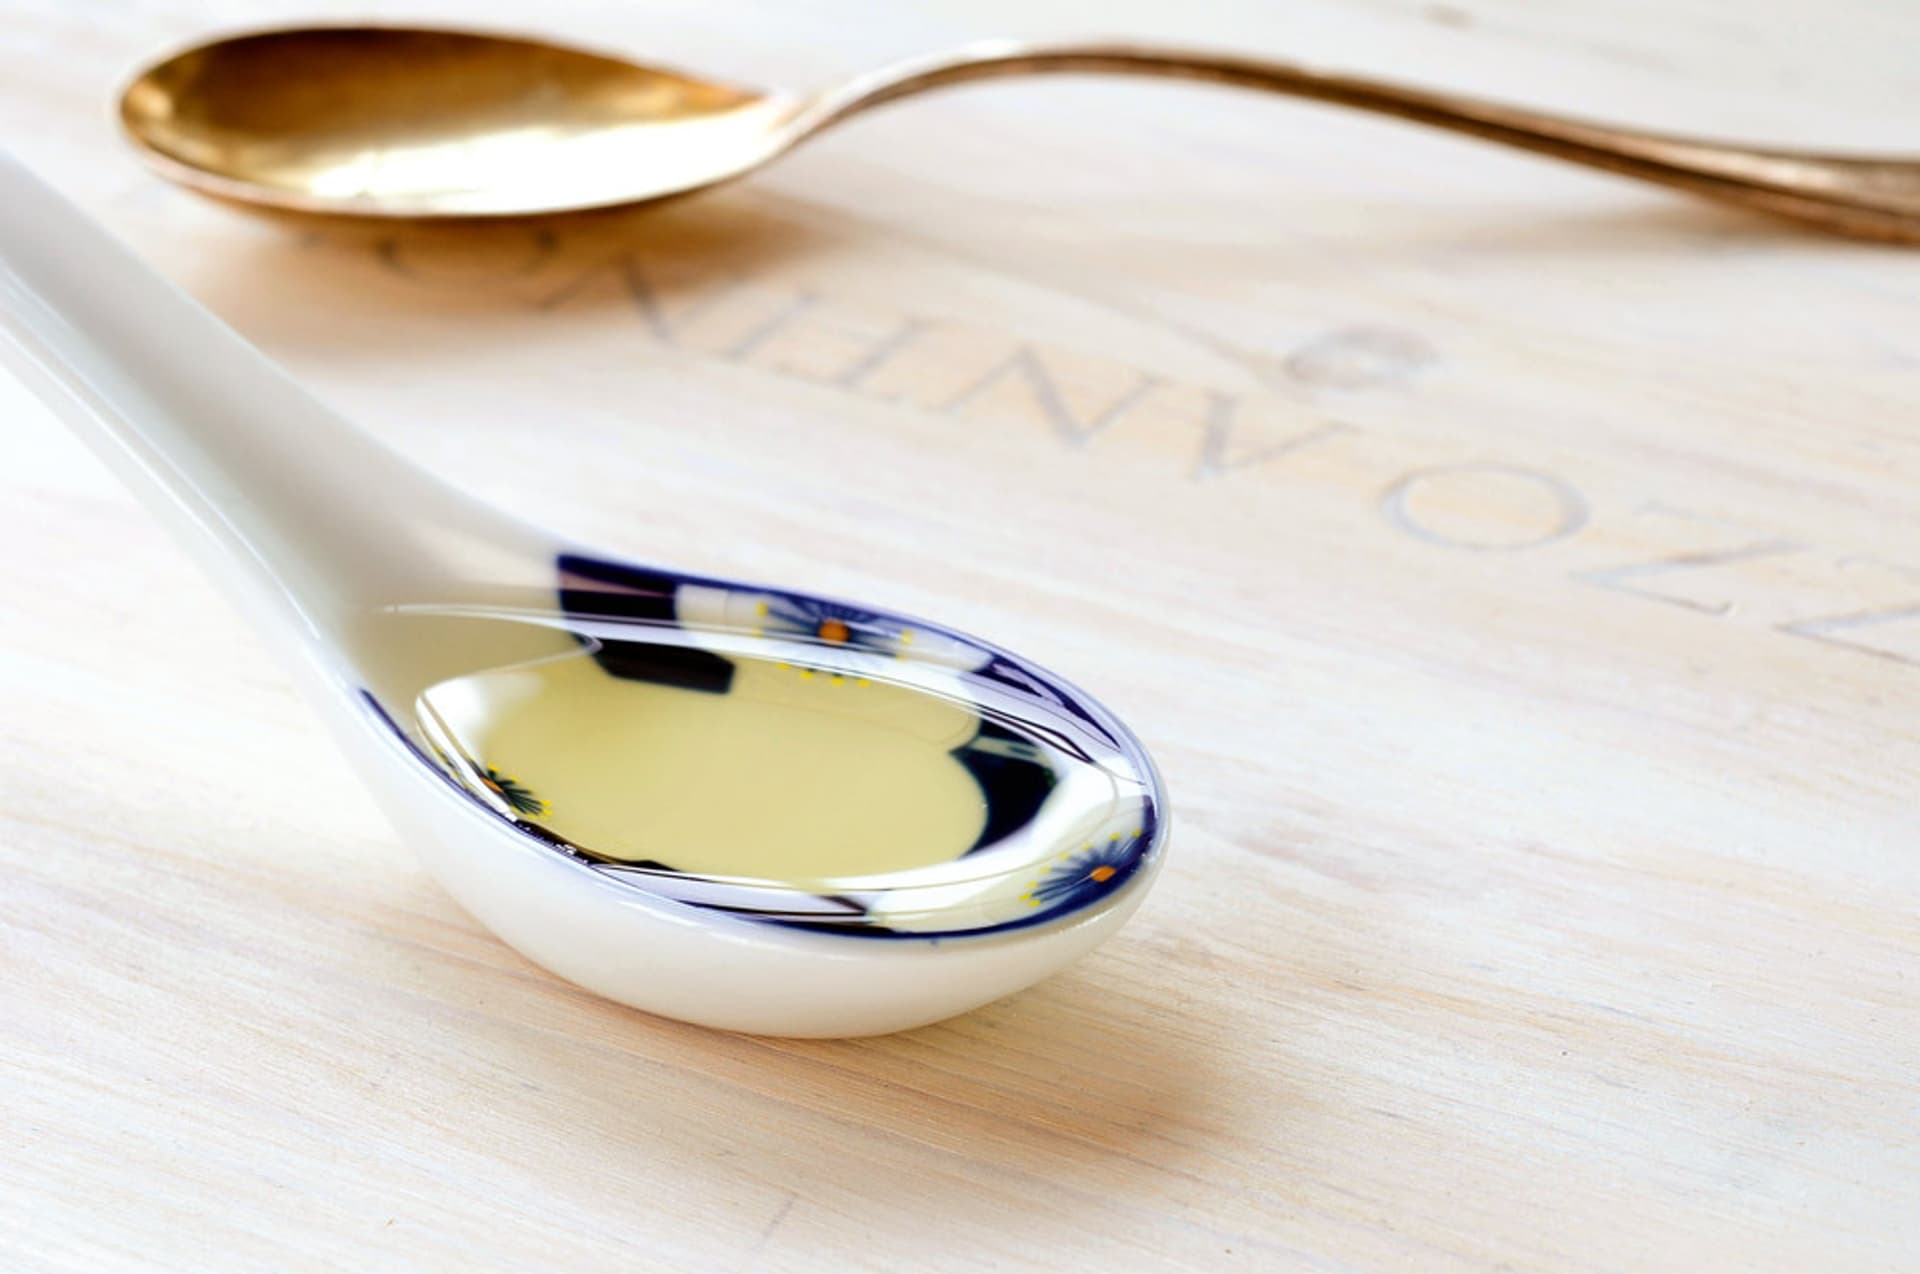 Distelöl in einem Löffel